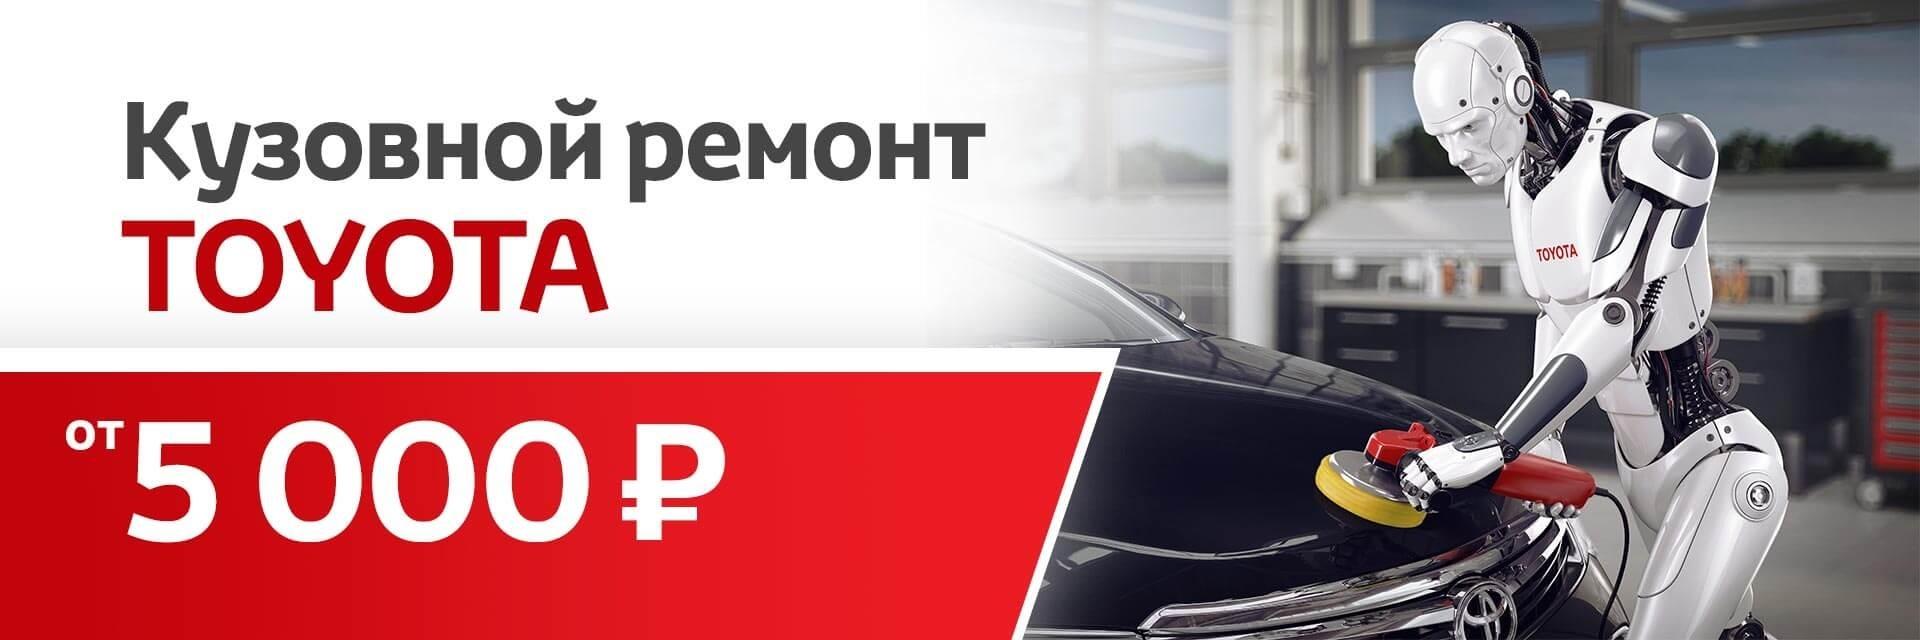 Кузовной ремонт от 5000 рублей